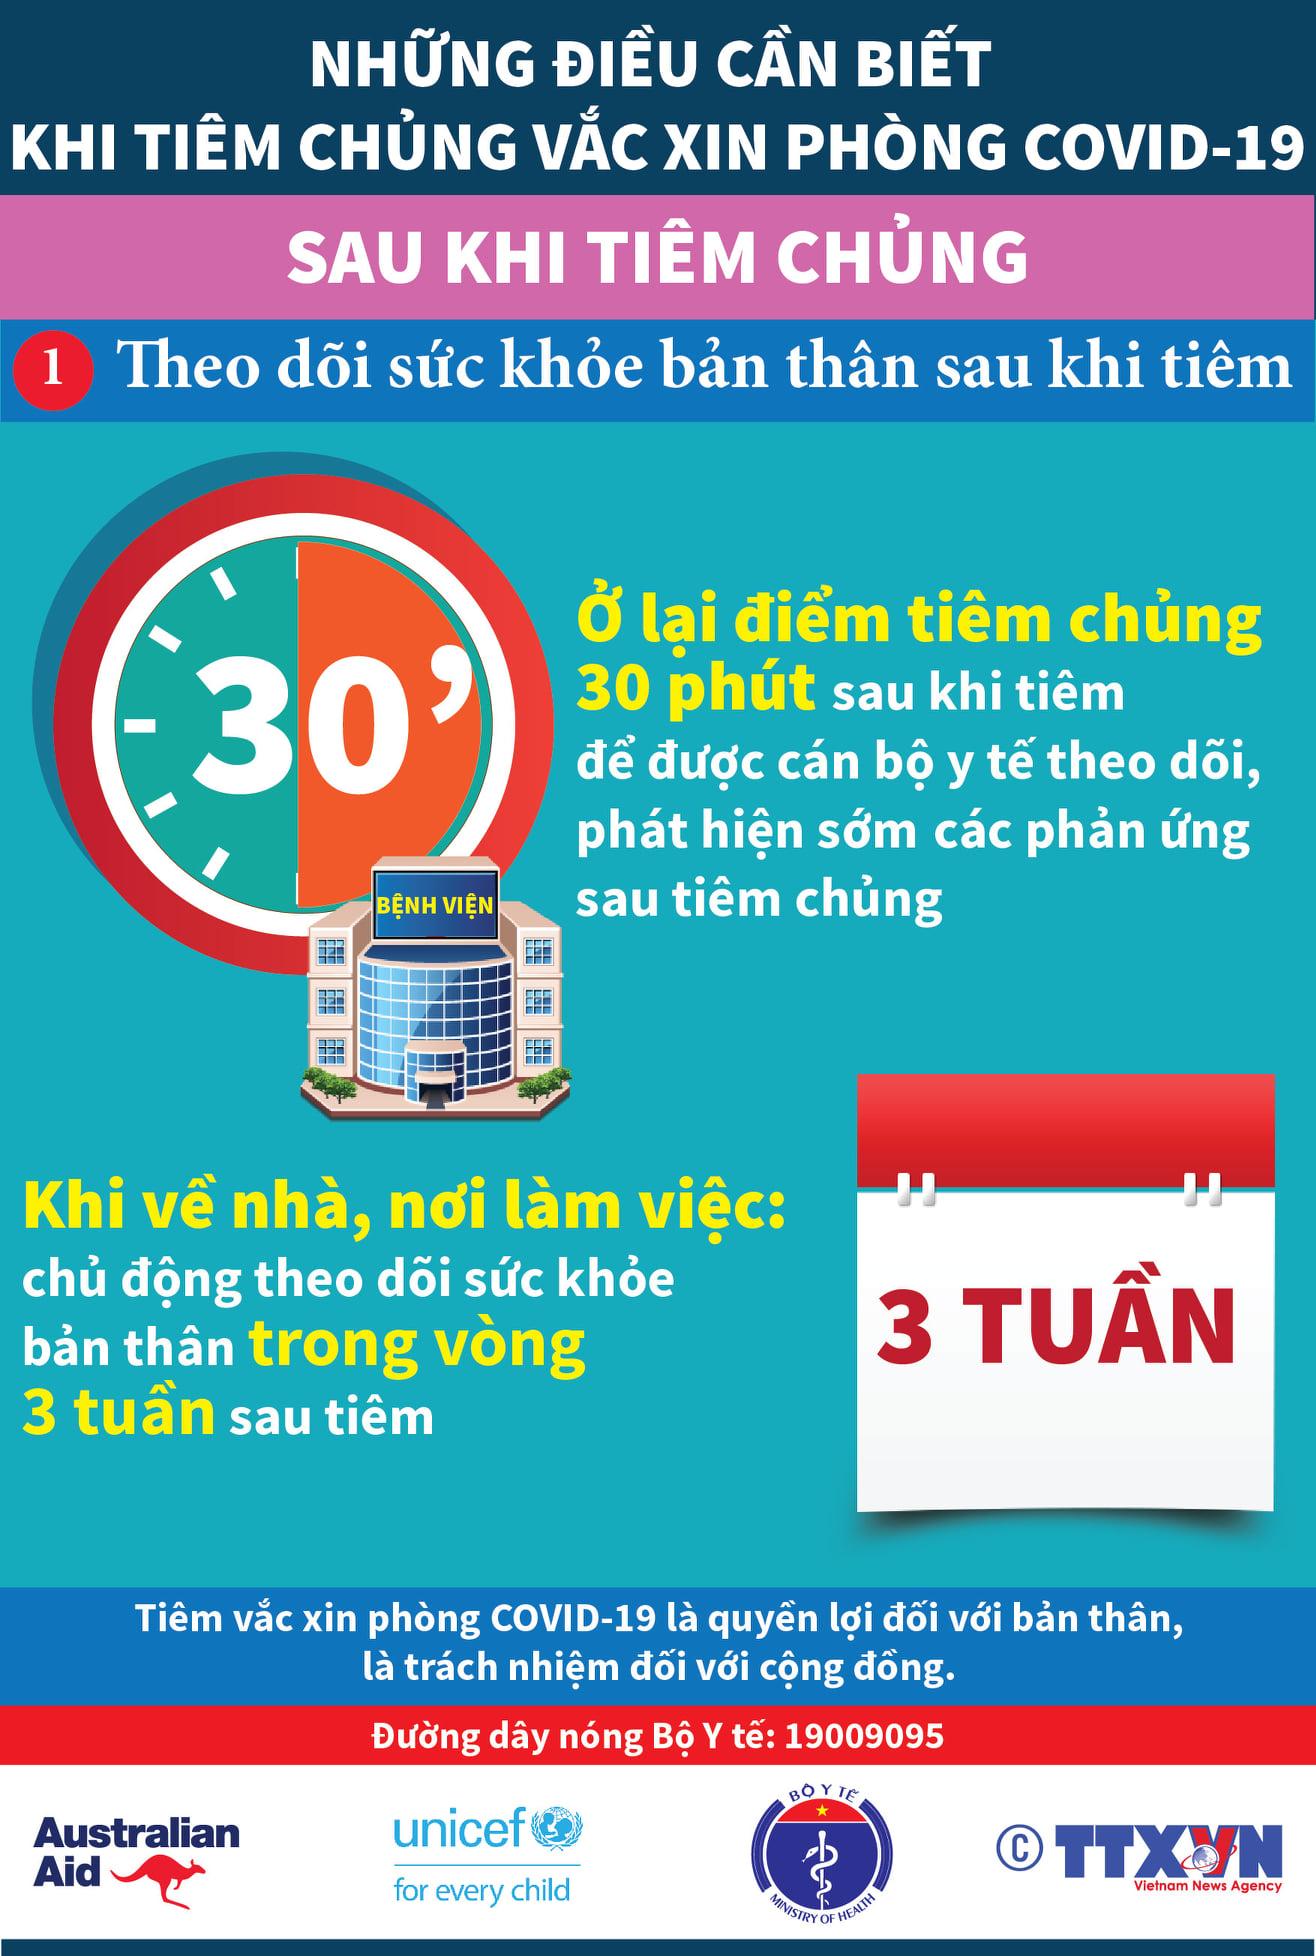 Trưa 20/6 có 139 ca Covid-19 mới, thêm nửa triệu liều vắc xin về Việt Nam - Ảnh 3.